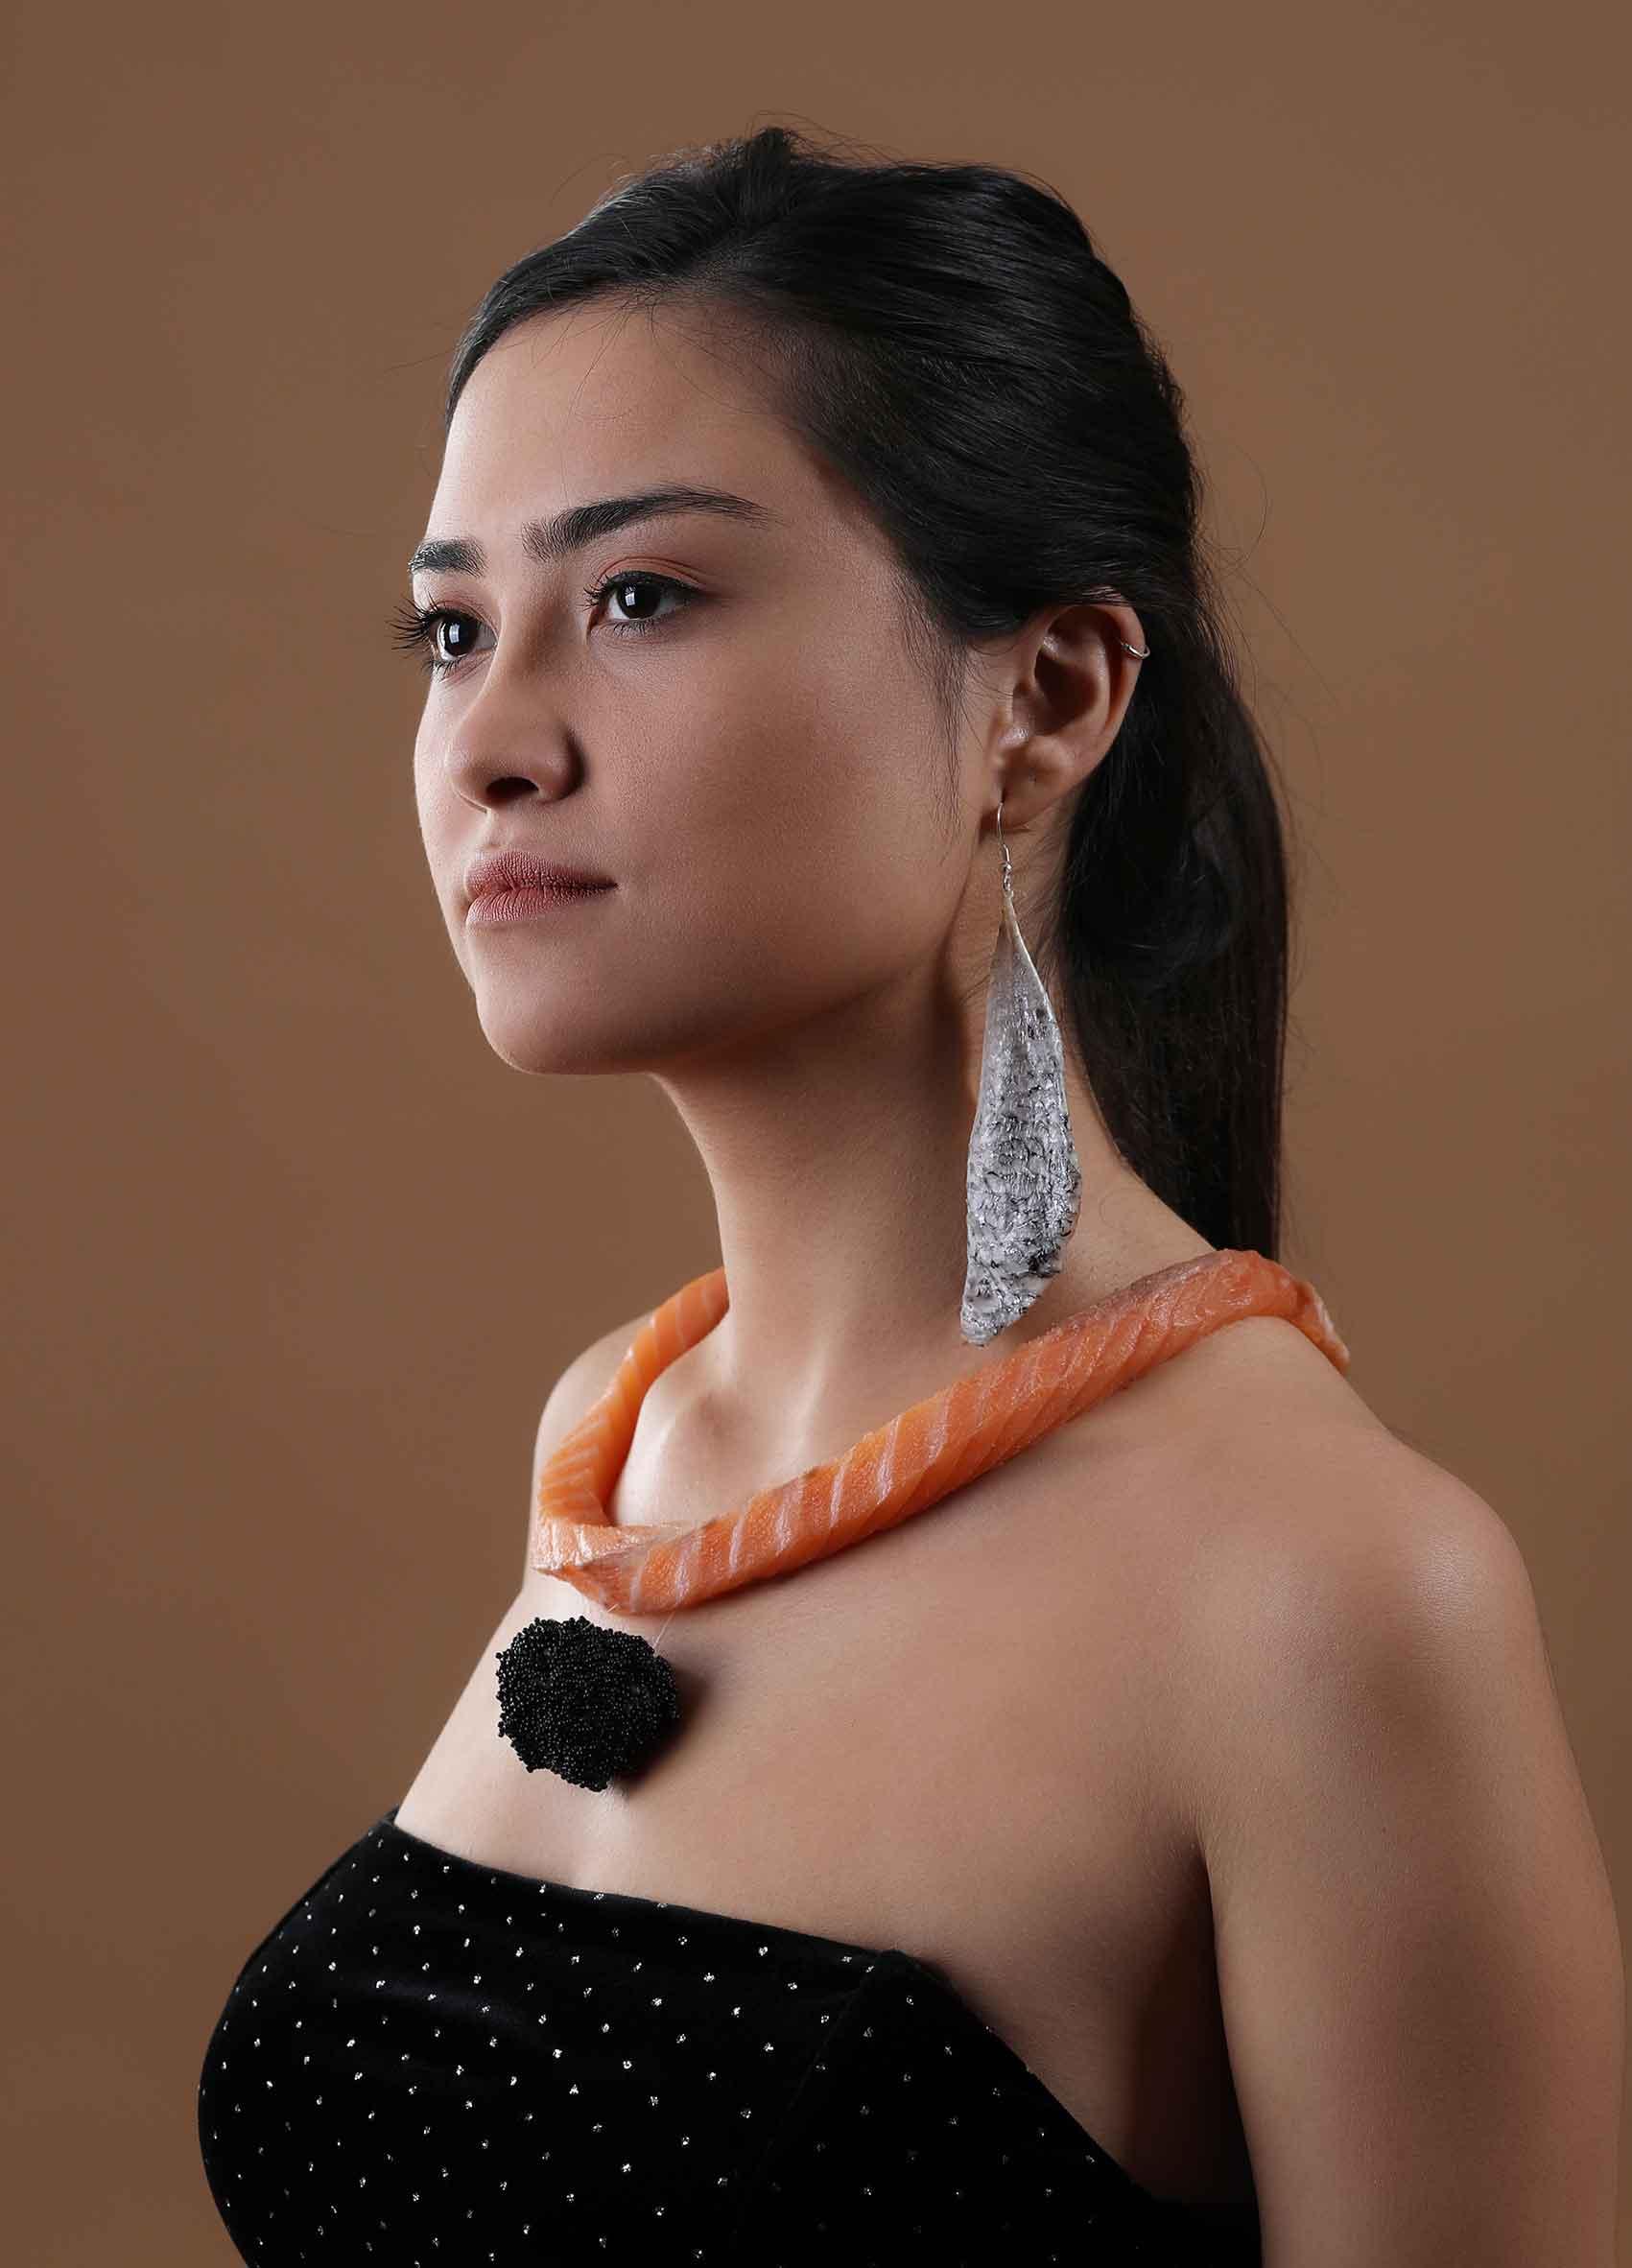 אחוה-רחמינוב-תכשיטים-חדשות-האופנה-מגזין-אופנה